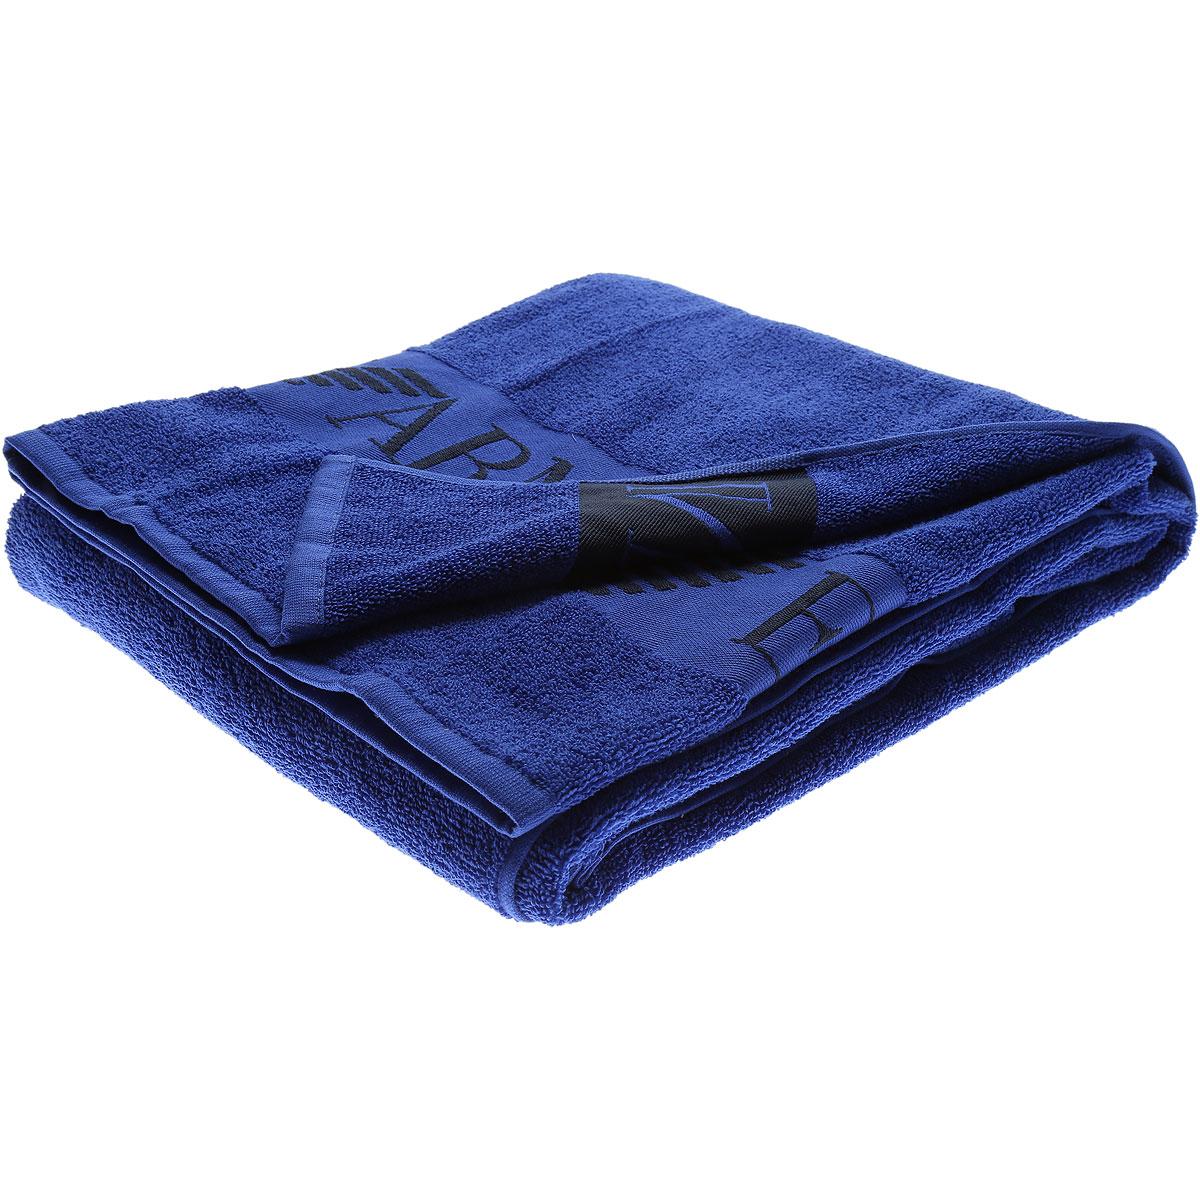 Serviettes de bain  Emporio armani 904002 6P273 BLUE 16735